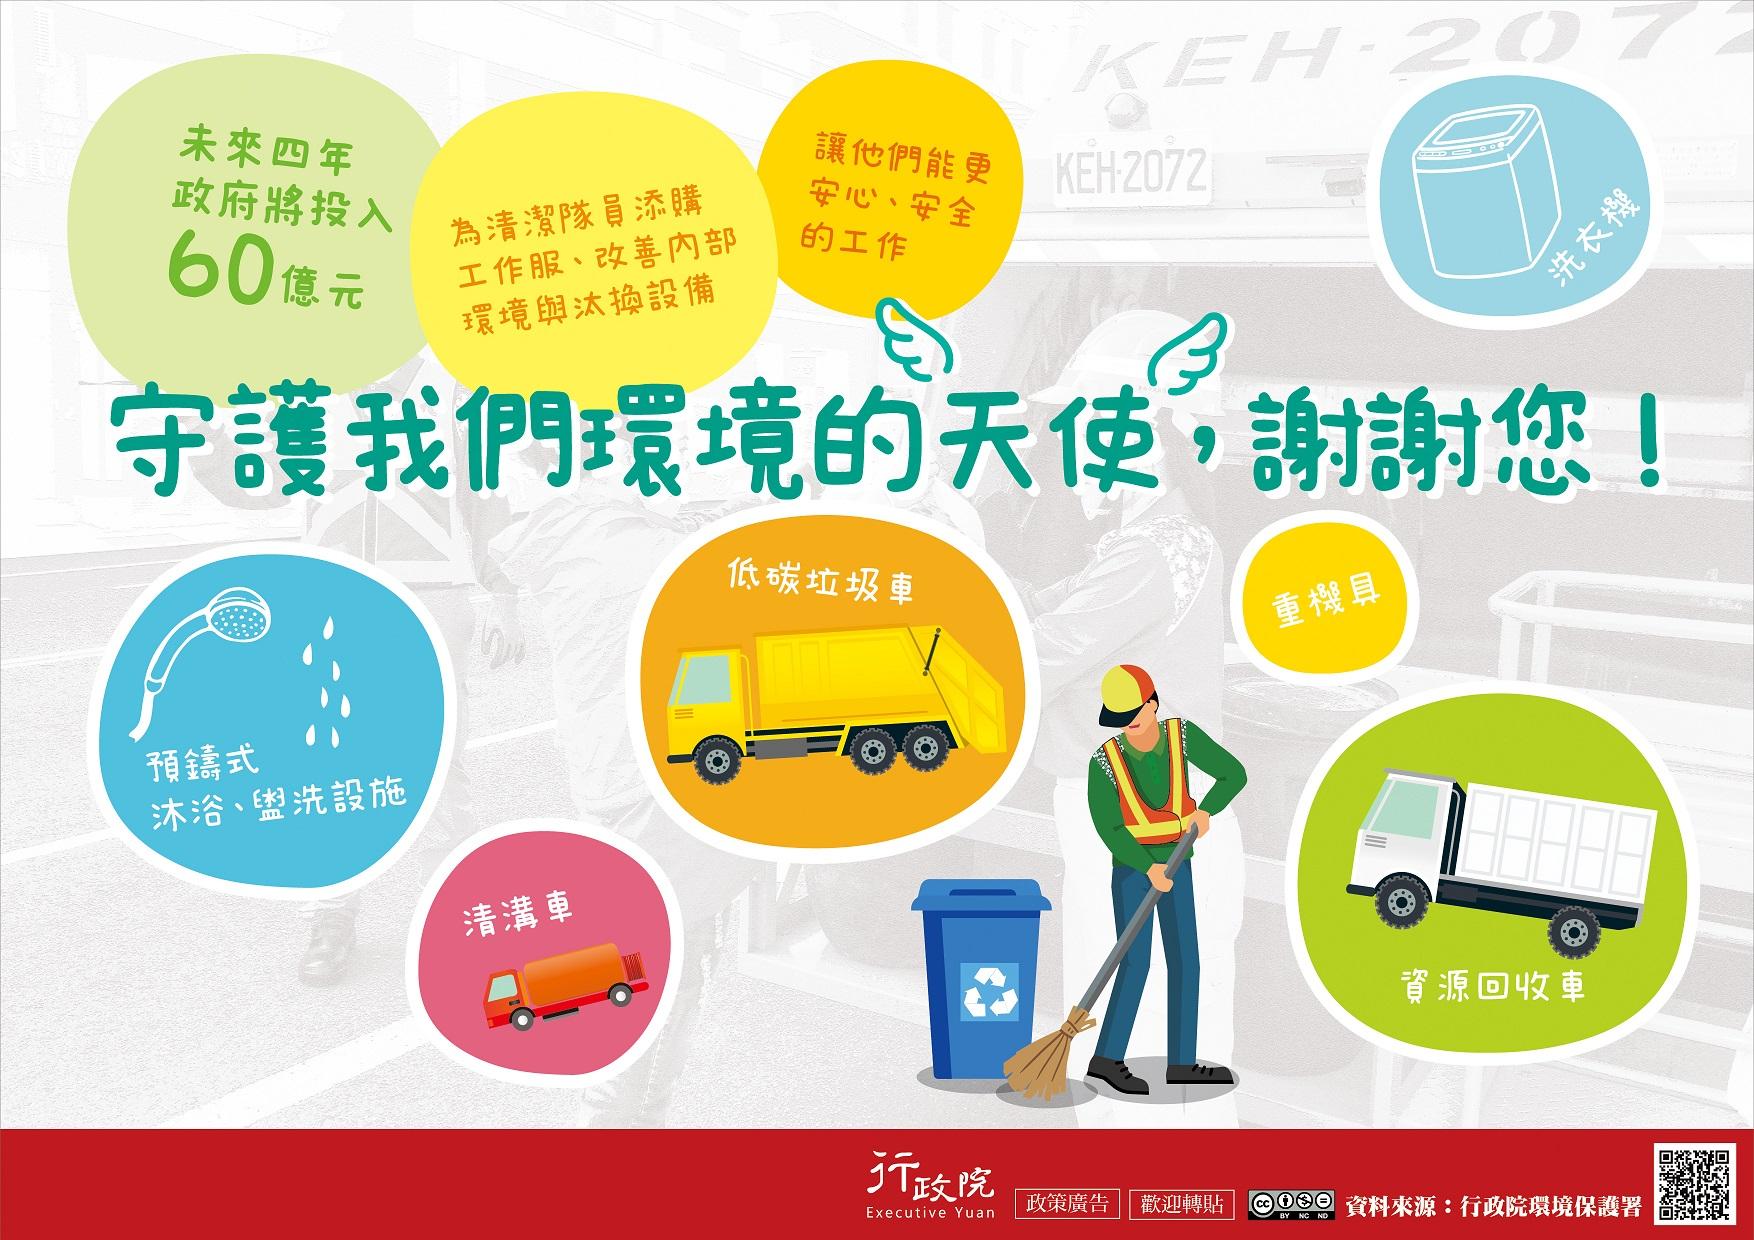 改善清潔隊員裝備與工作環境.jpg